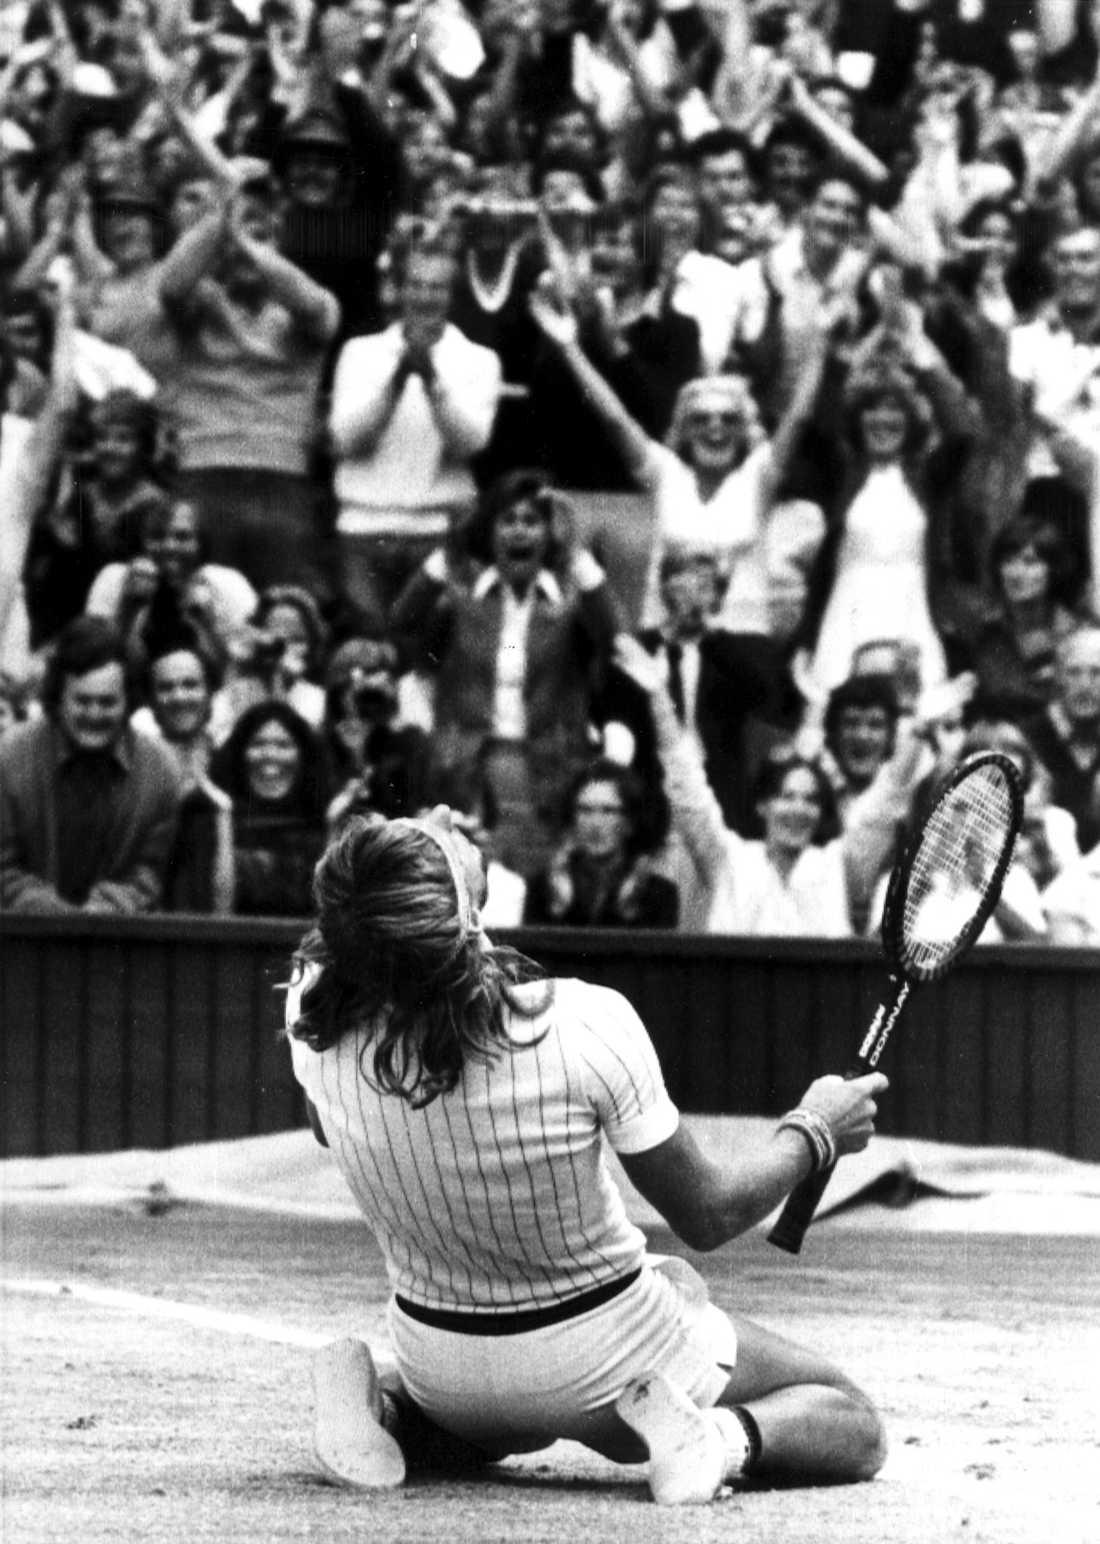 1978-1981, Björn Borg (SWE) 1978-1981 var Björn Borgs år. Då vann han Franska öppnas herrsingel inte mindre än 4 gånger i rad. 1978 vann svensken mot Guillermo Vilas (ARG) med siffrorna 6-1, 6-1, 6-3. 1979 slog han Victor Pecci (PAR) med 6-3, 6-1, 6-7, 6-4. 1980 vann han över Vitas Gerulaitis (USA) med 6-4, 6-1, 6-2. Och till sist slog han 1981 ut Ivan Lendl (CZE) med siffrorna 6-1, 4-6, 6-2, 3-6, 6-1.